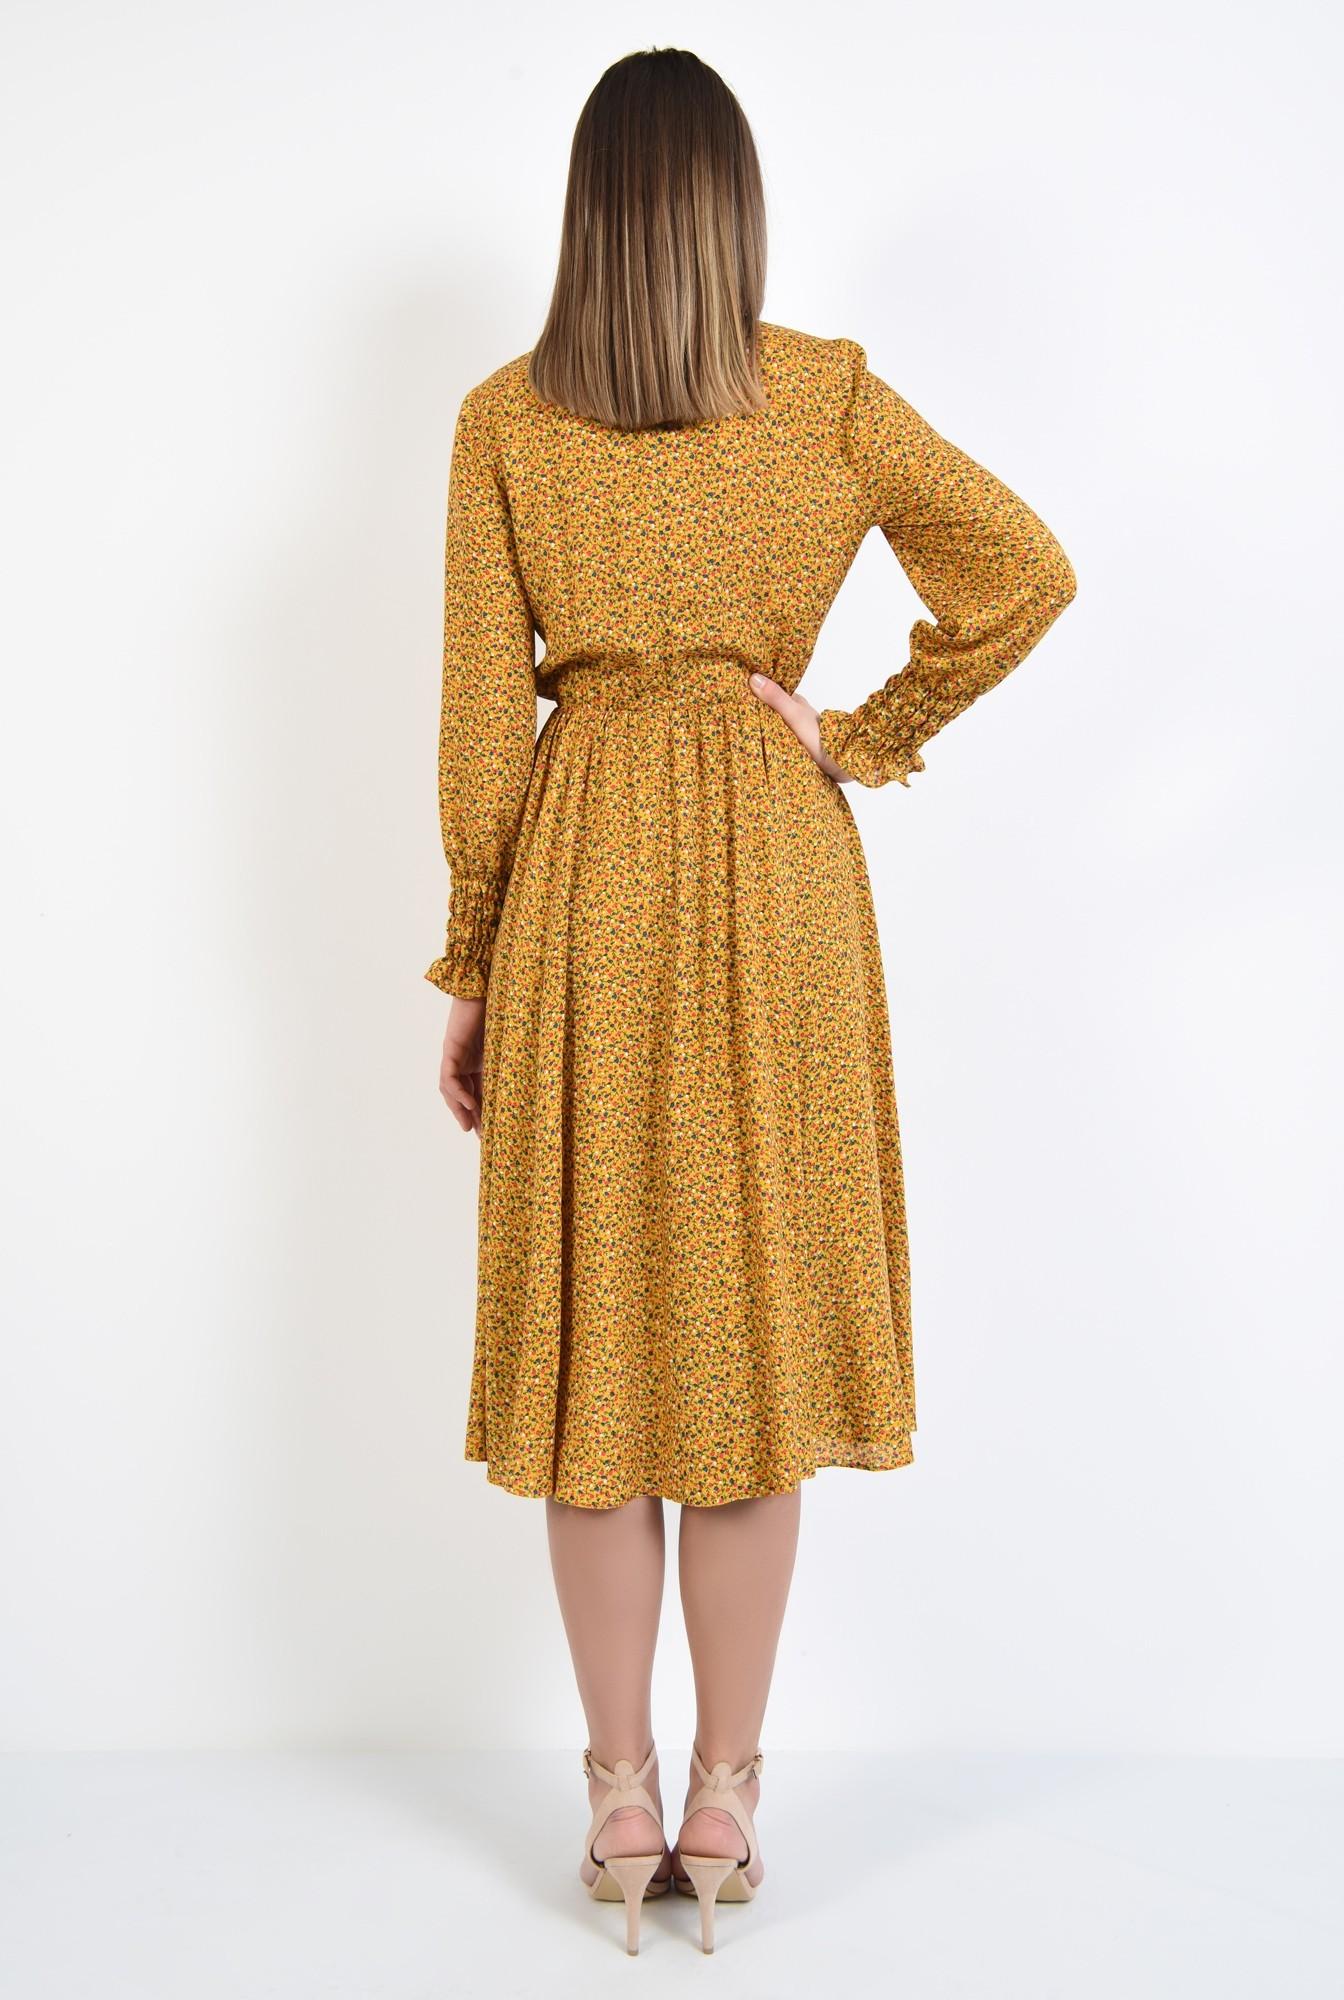 1 - rochie midi, din viscoza, cu imprimeu, maneci lungi cu mansete, croi clos